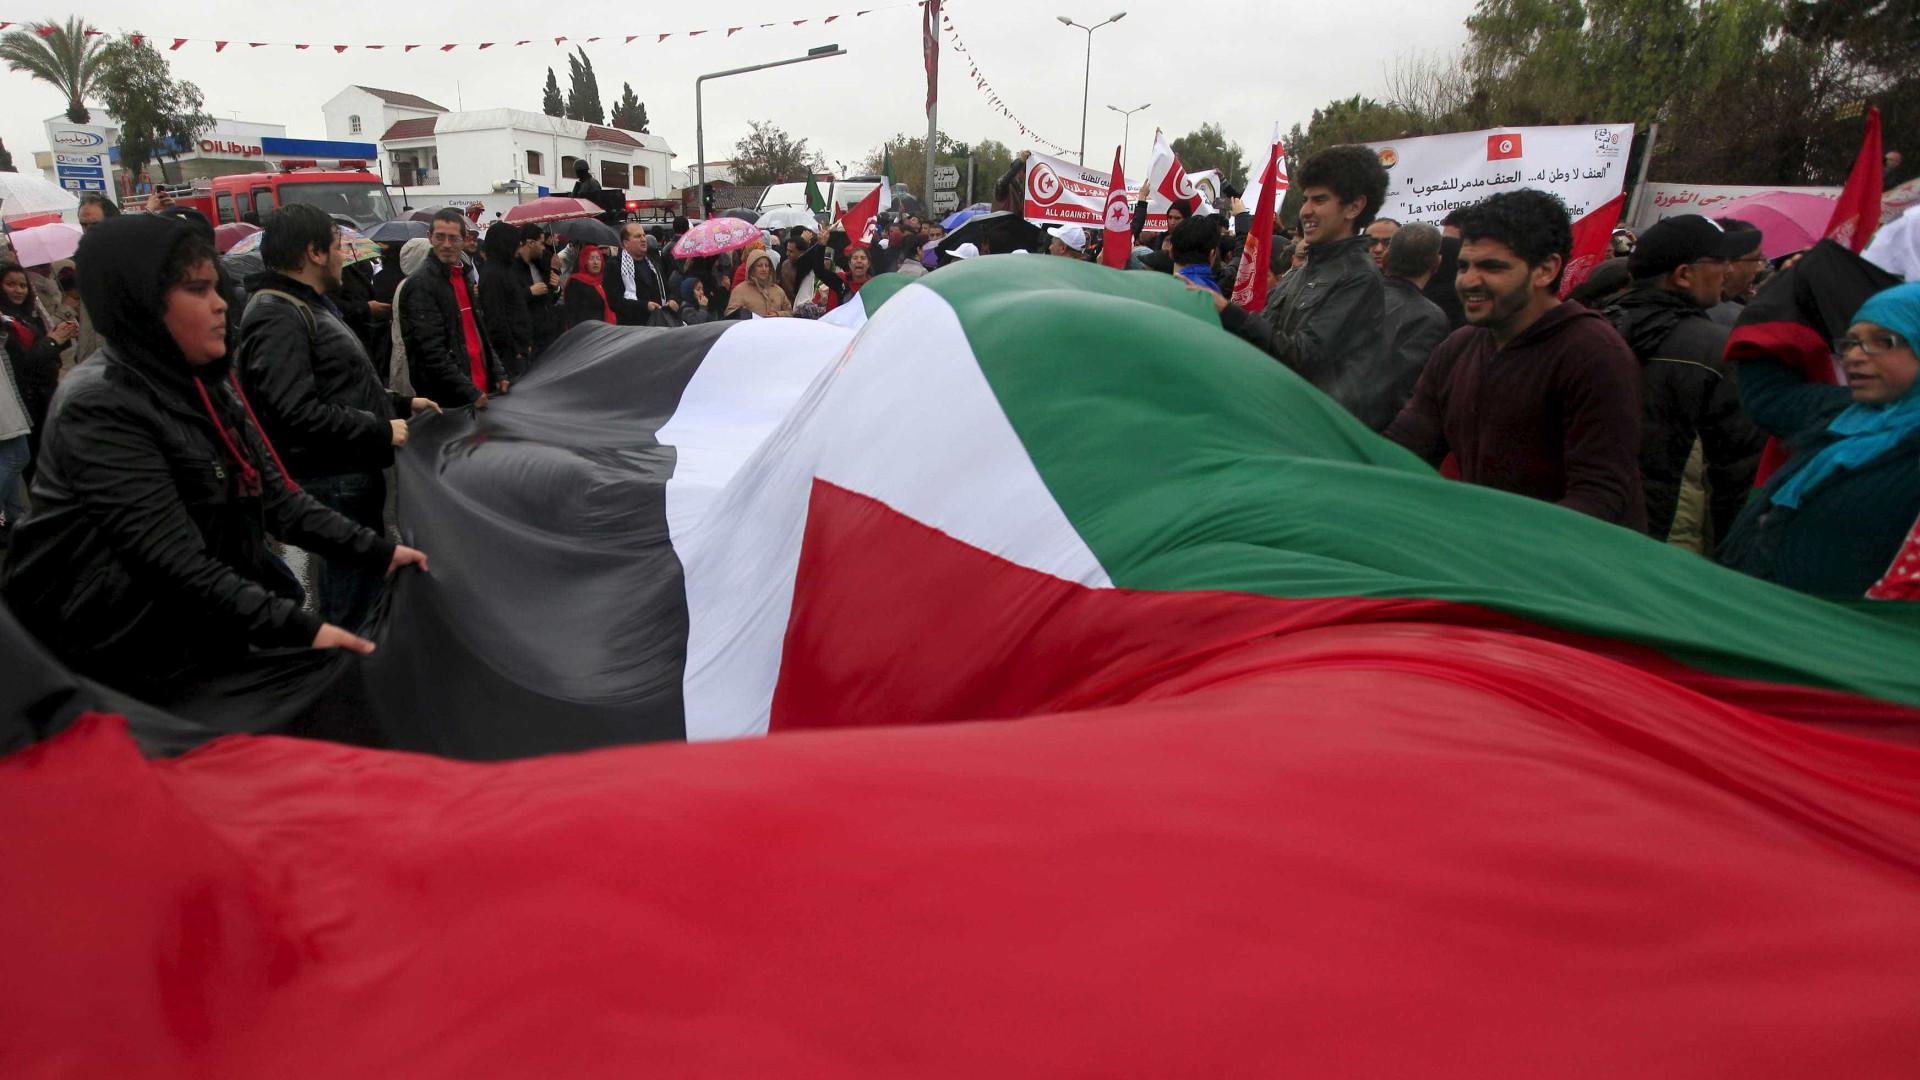 Tunísia é o primeiro país árabe e 4.º mundial em número de divórcios